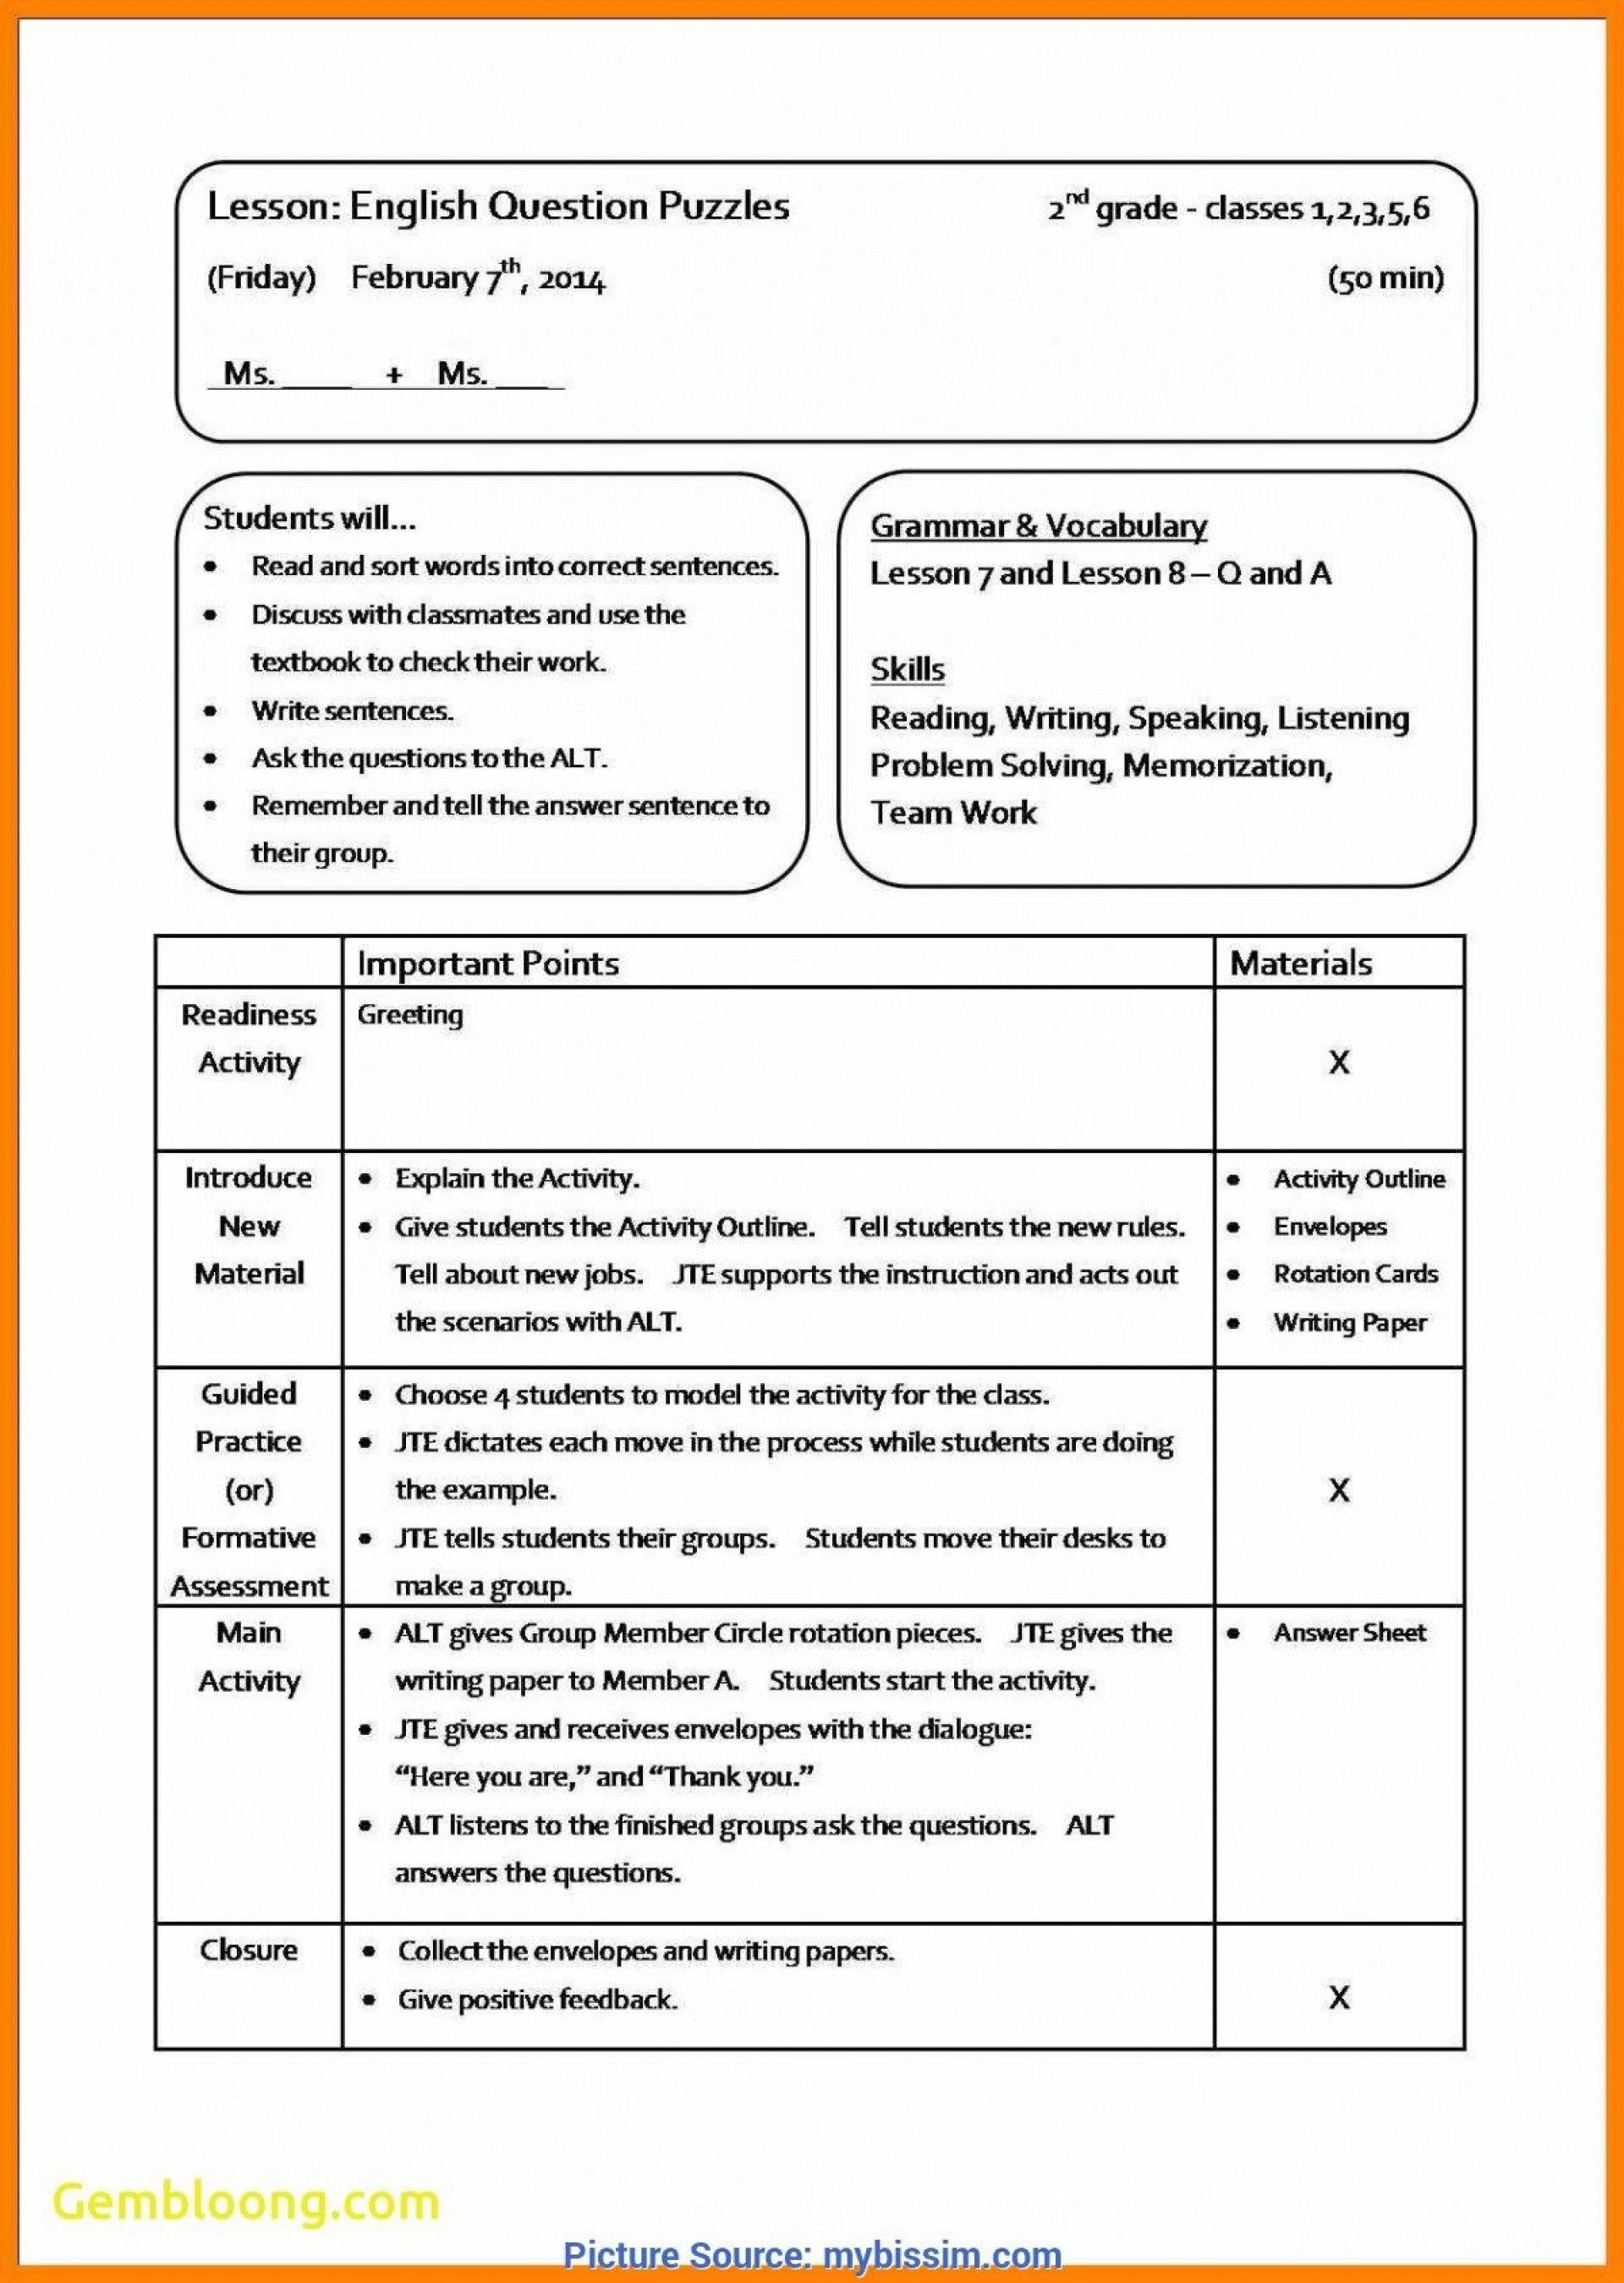 007 Remarkable Best Lesson Plan Template Concept  Practice Format Pdf1920